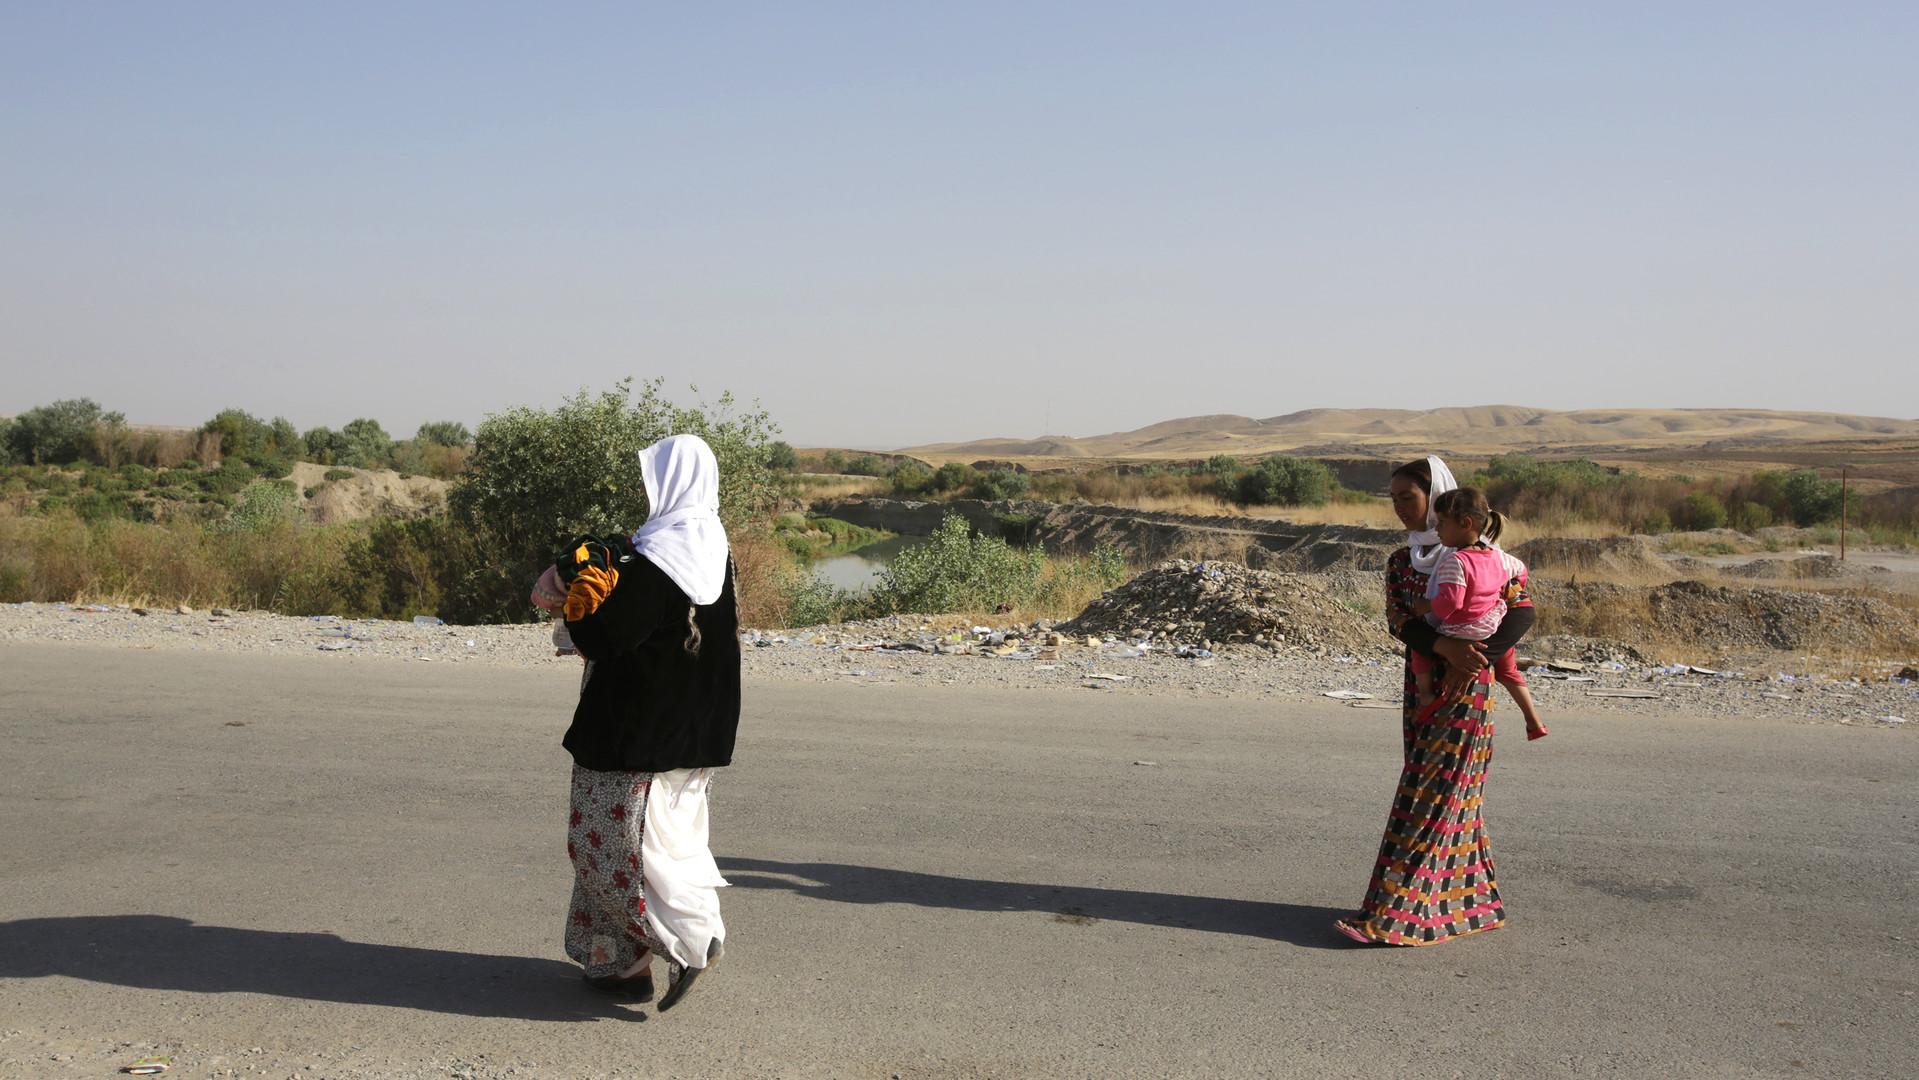 Les femmes de la minorité de Yazidi qui ont survécu la violence de Daesh